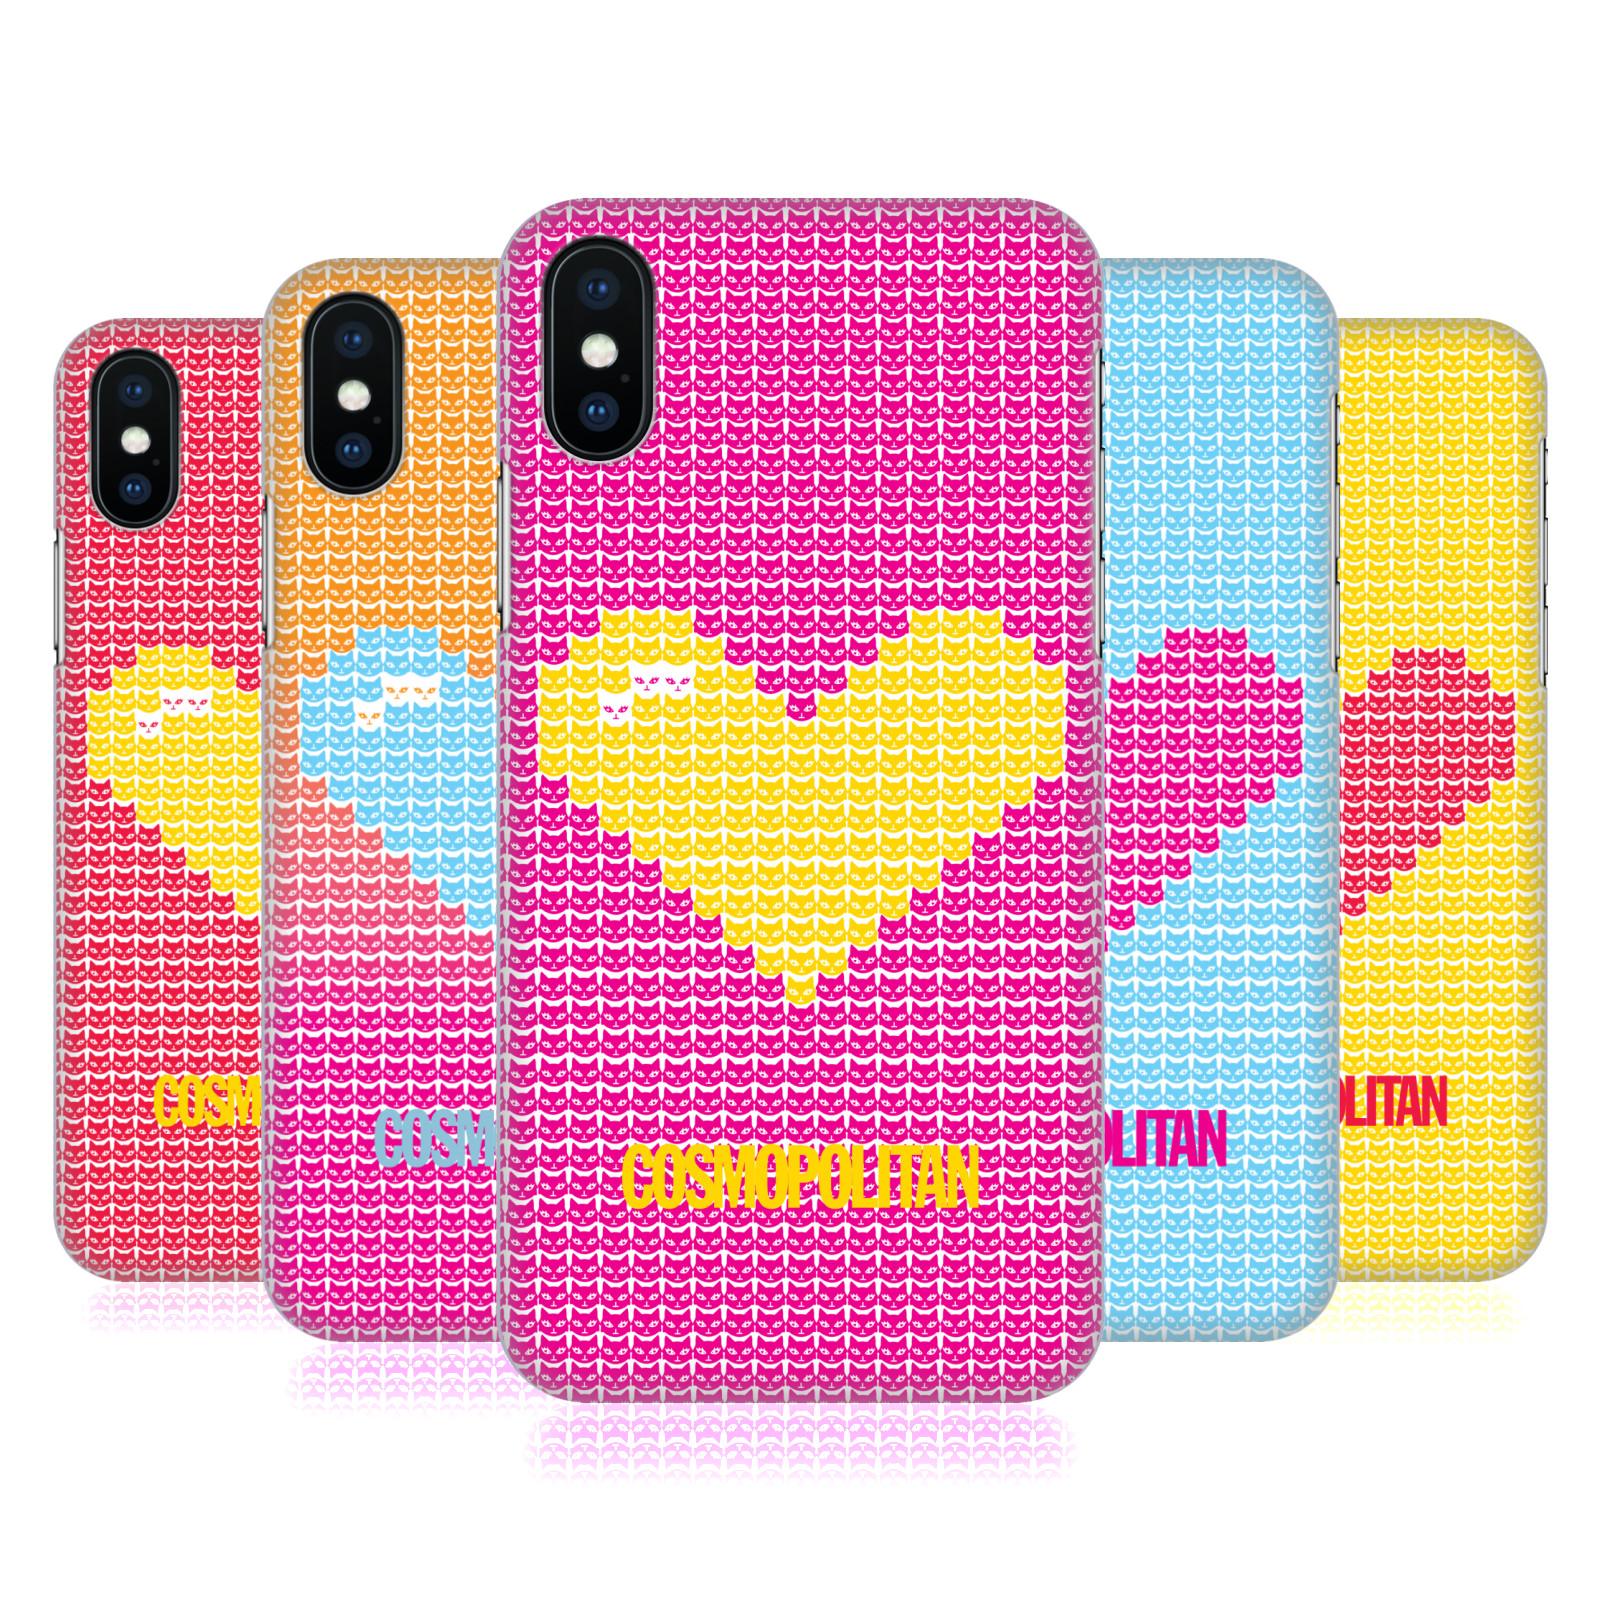 Cosmopolitan Pixel Heart Lovey